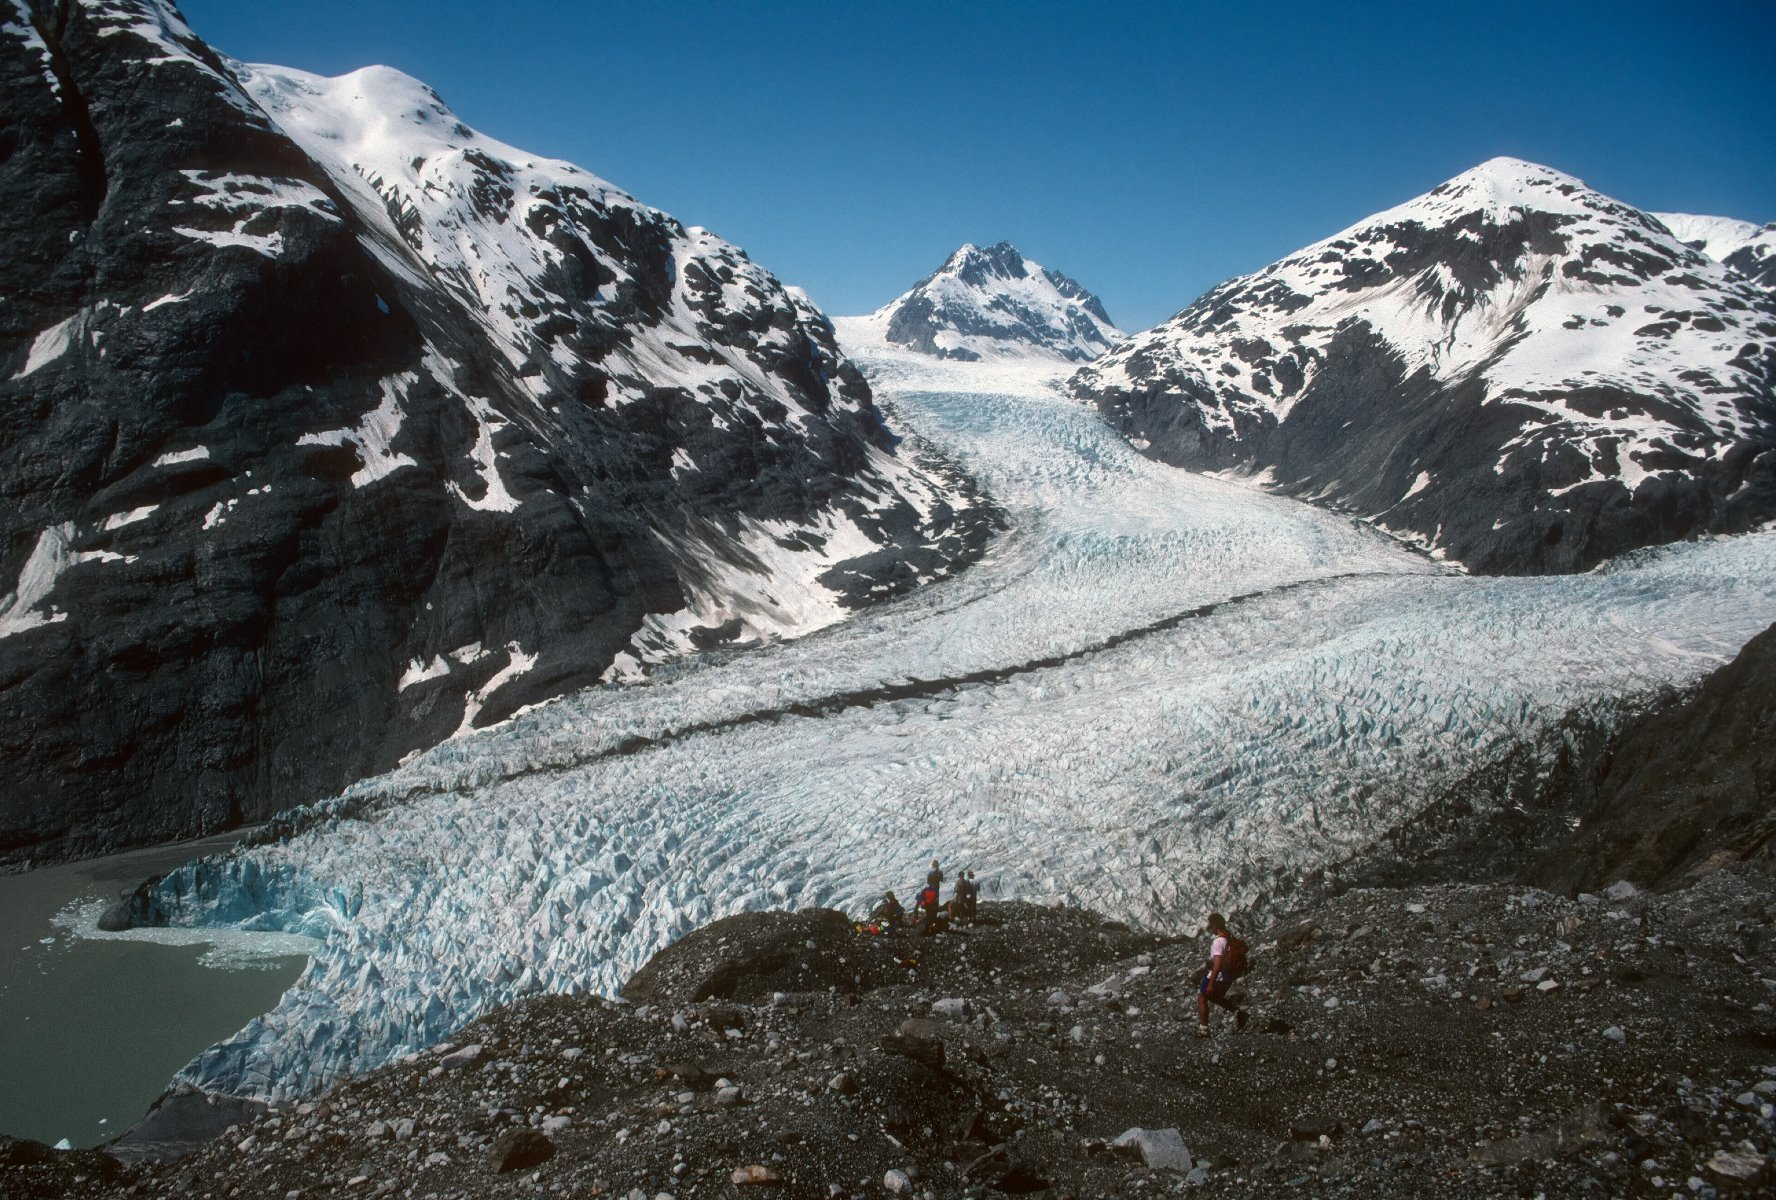 Muir Glacier in 1991.